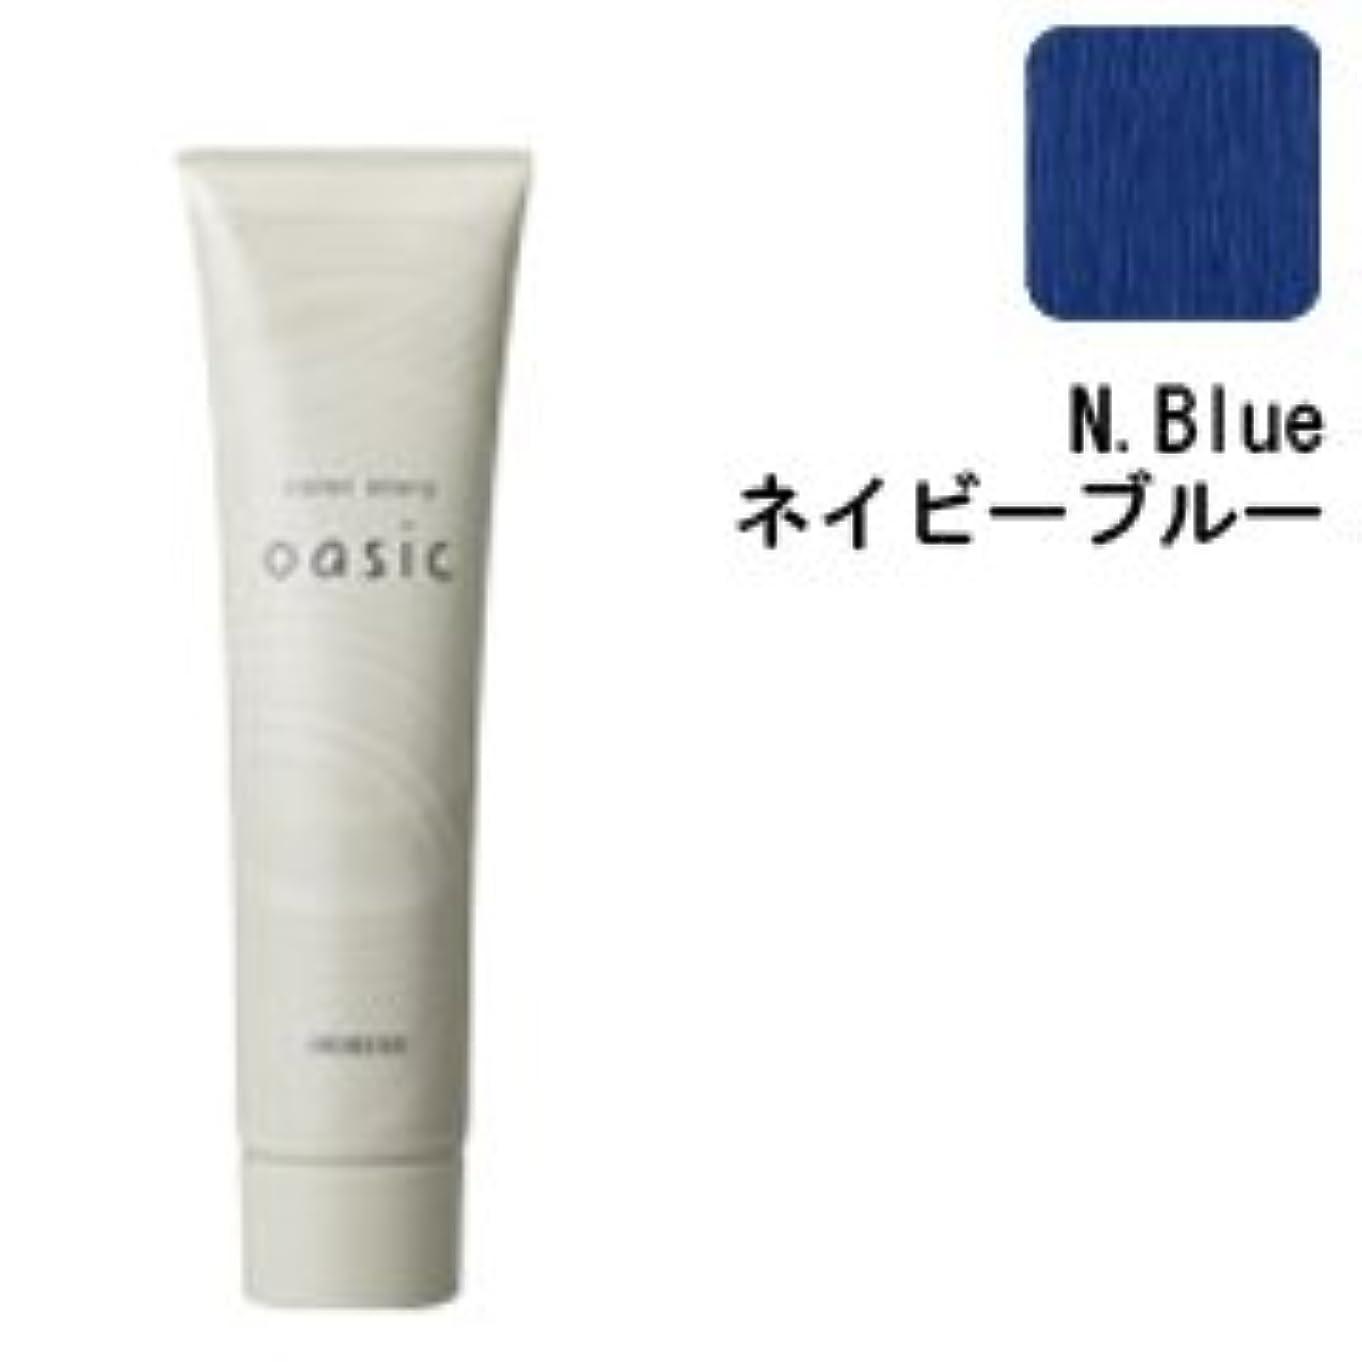 キュービック絶え間ない単語【アリミノ】カラーストーリー オアシック N.Blue (ネイビーブルー) 150g